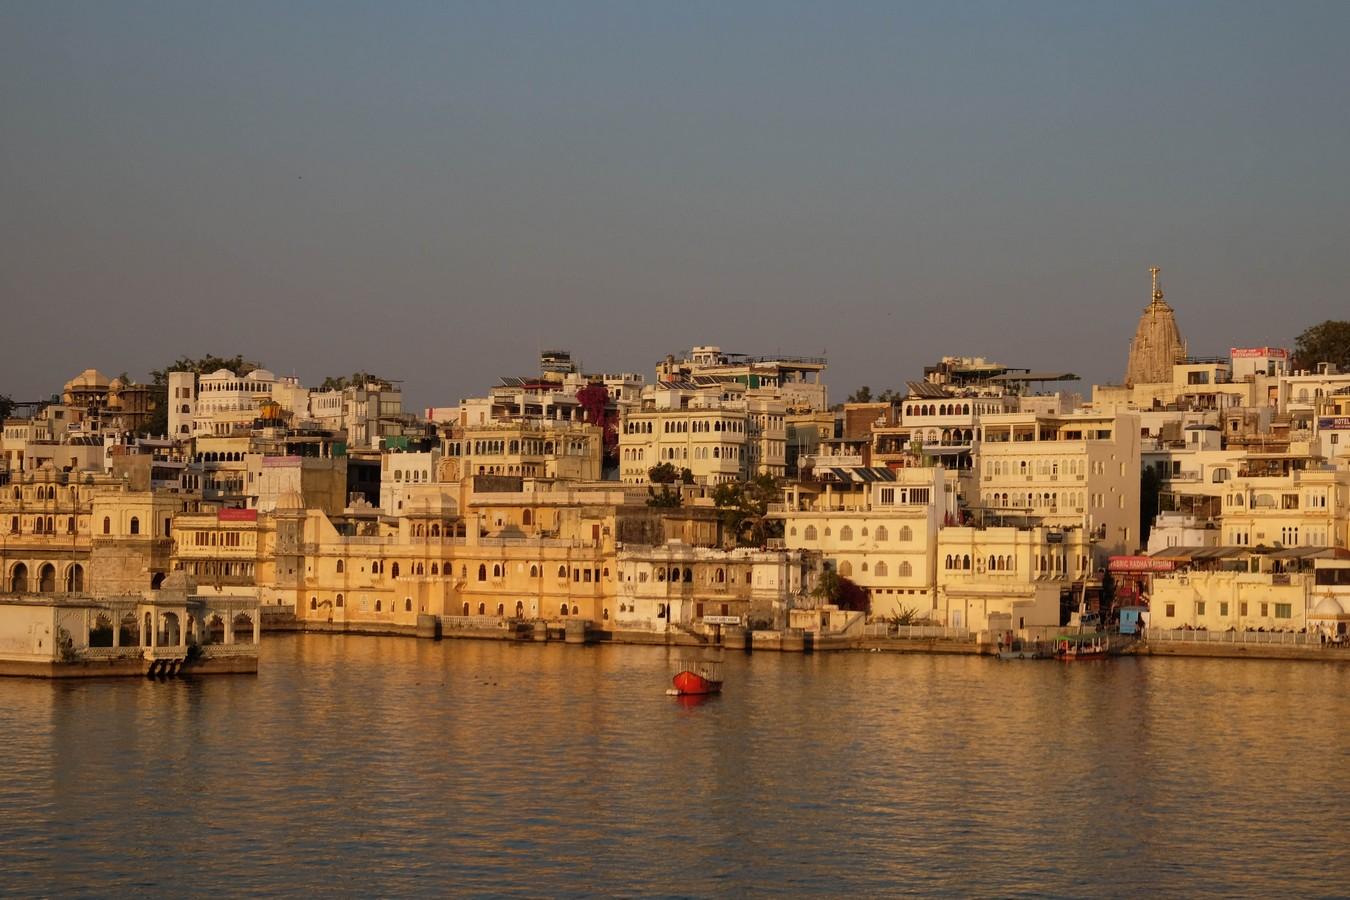 La ville d'Udaipur au soleil couchant